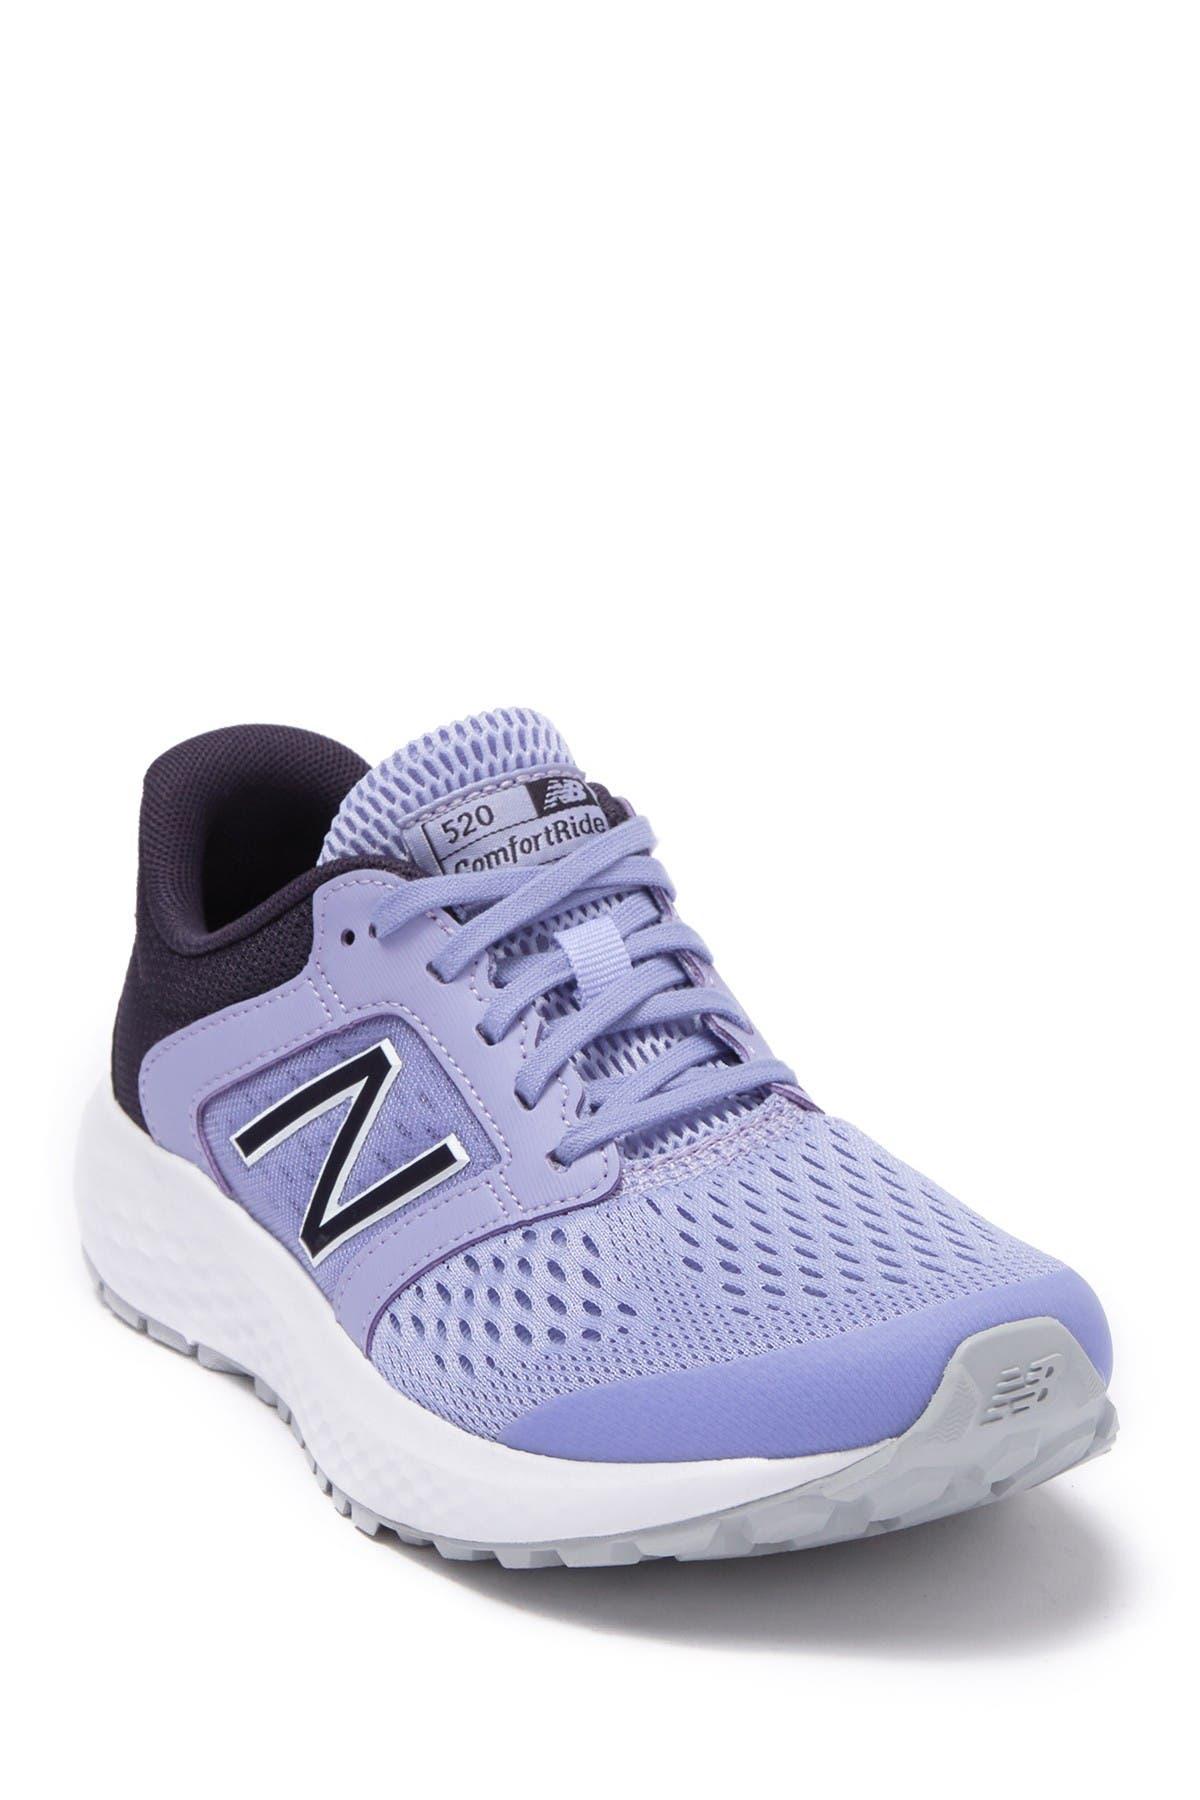 New Balance   520v5 Running Knit